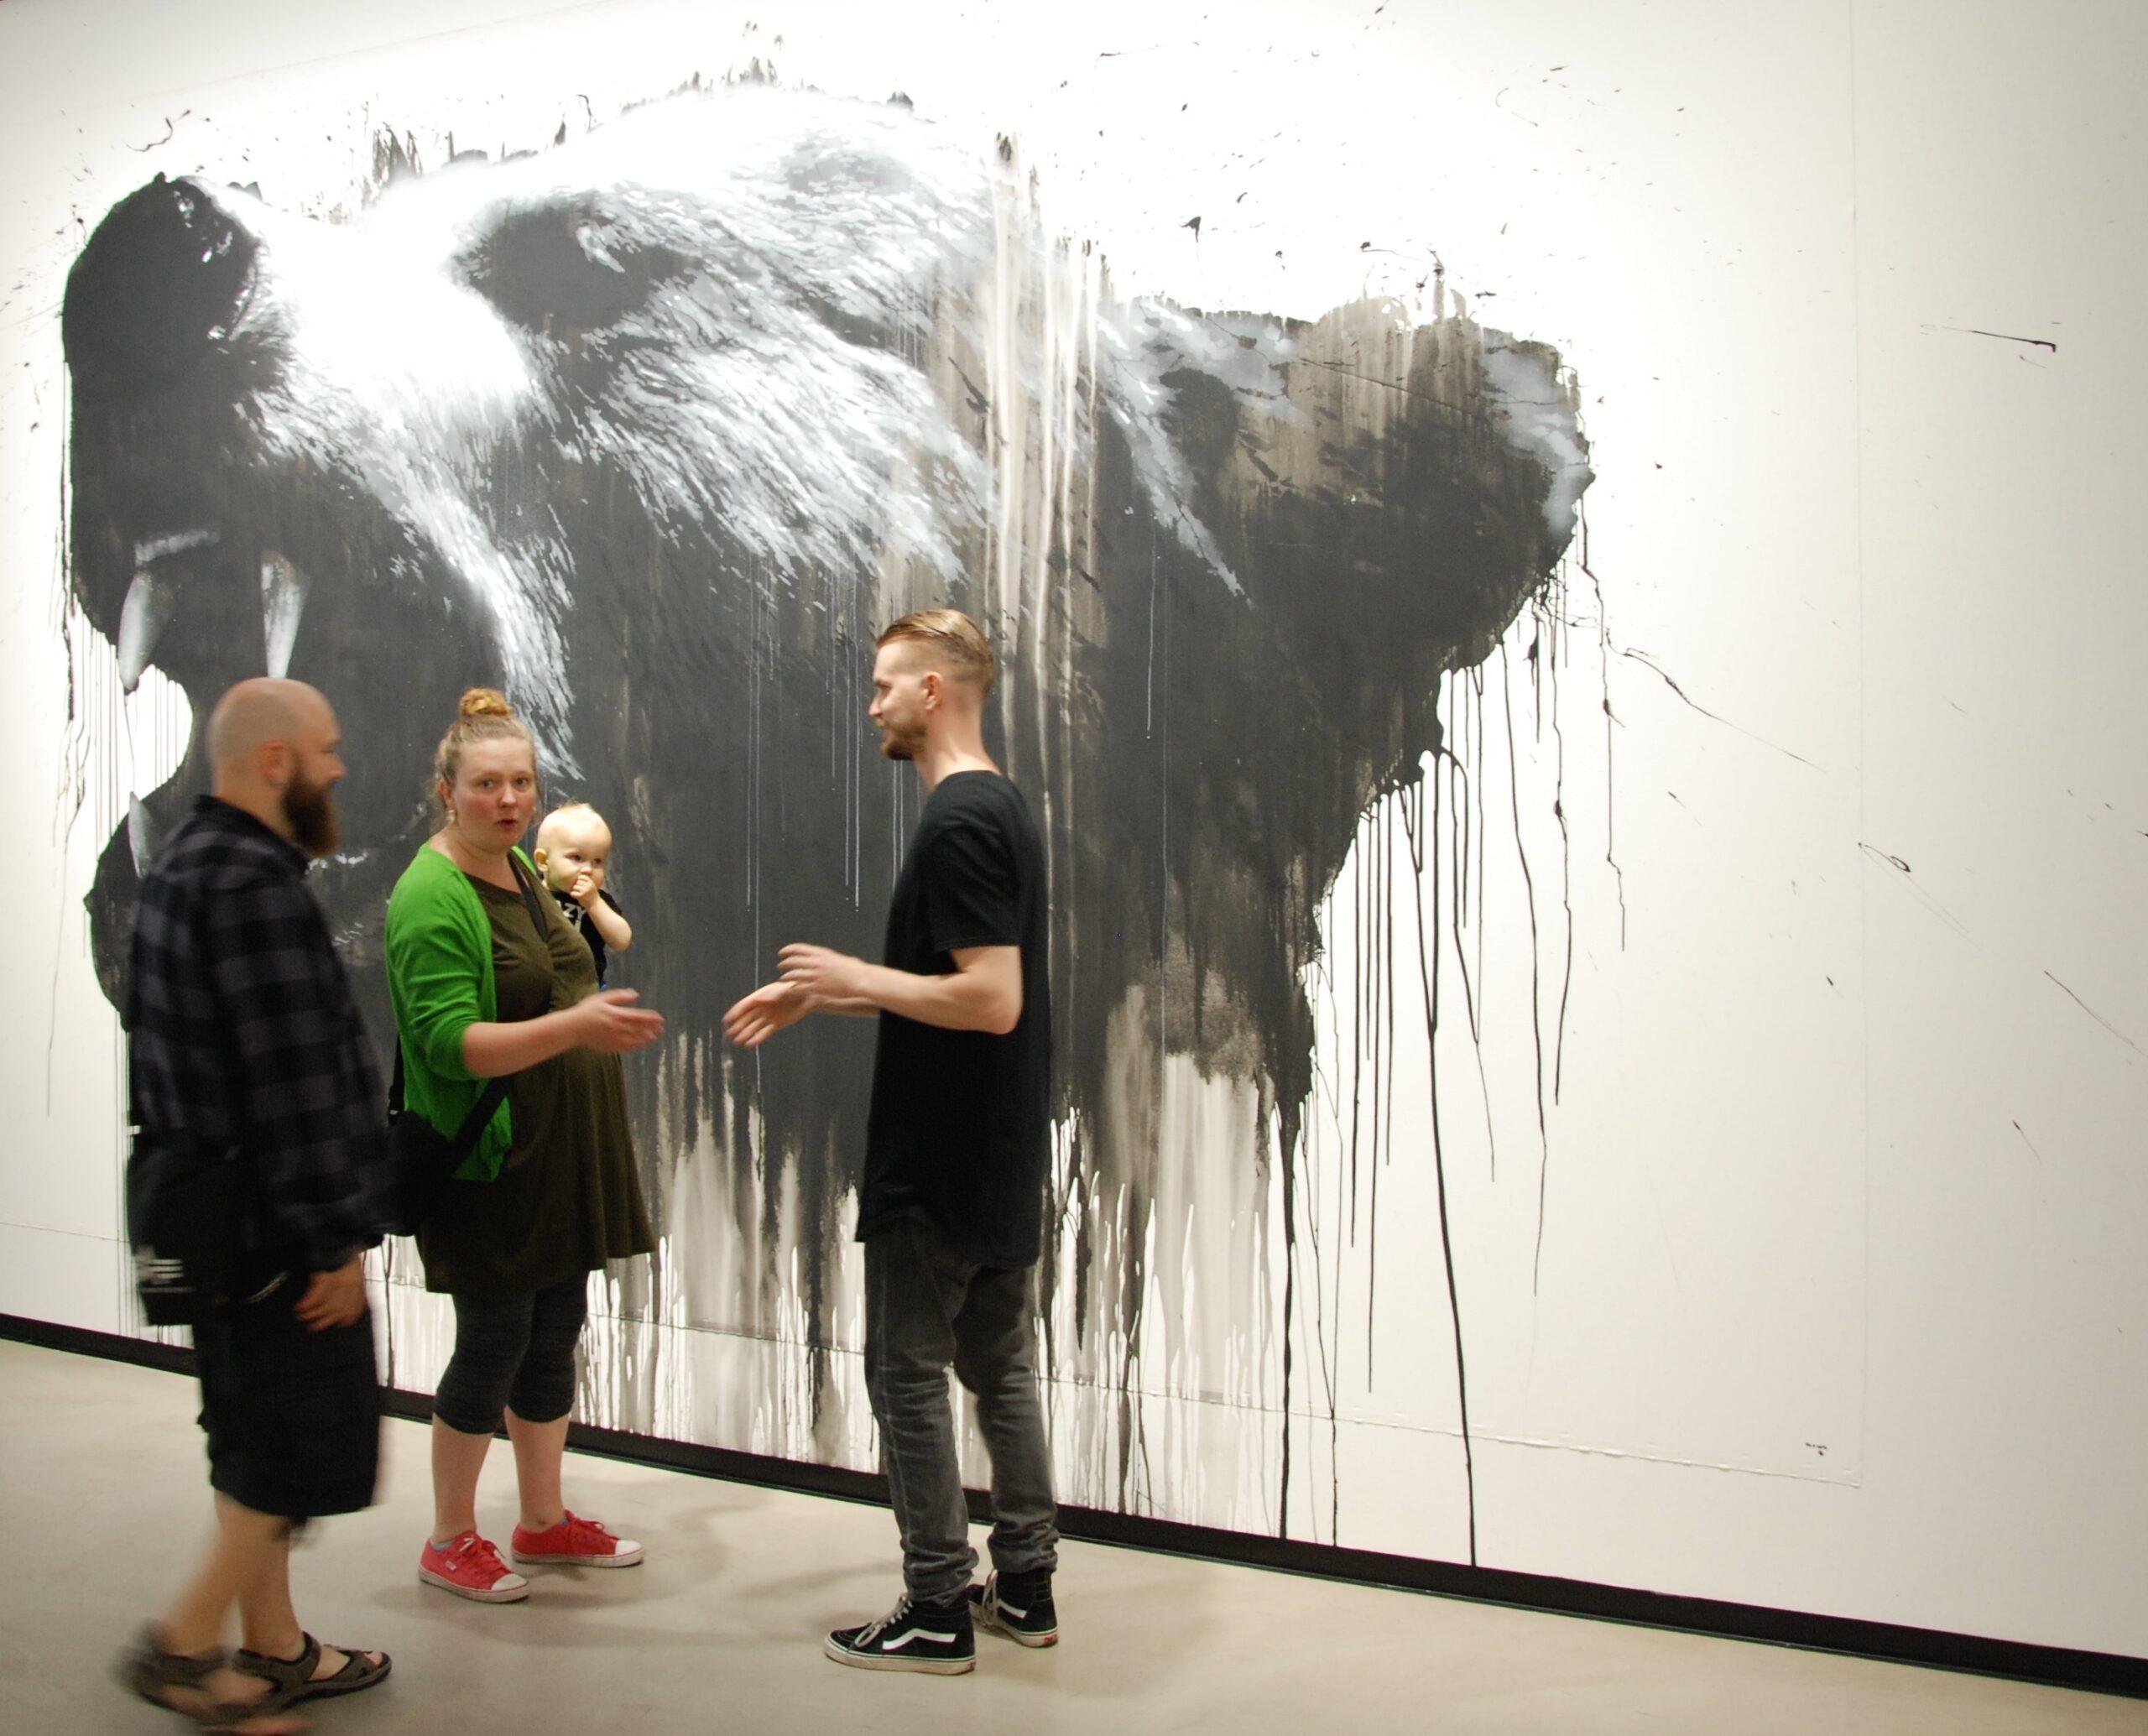 Tässä kaikki on vielä hyvin. Graffititaiteilija Acton perheineen onnittelee Jussia hienosta näyttelystä.